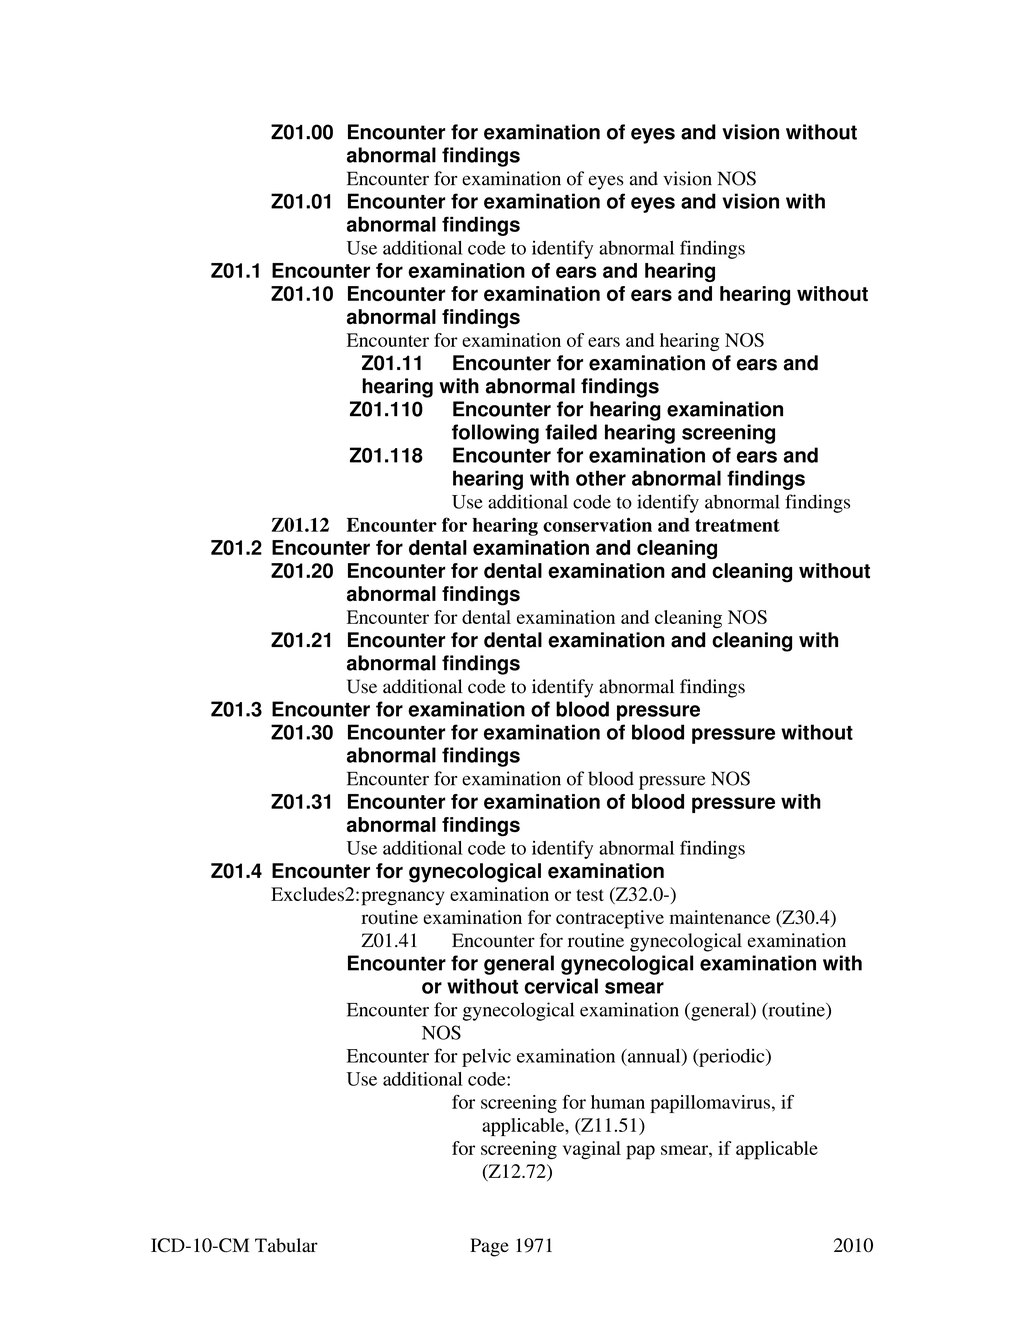 icd 10 for human papilloma